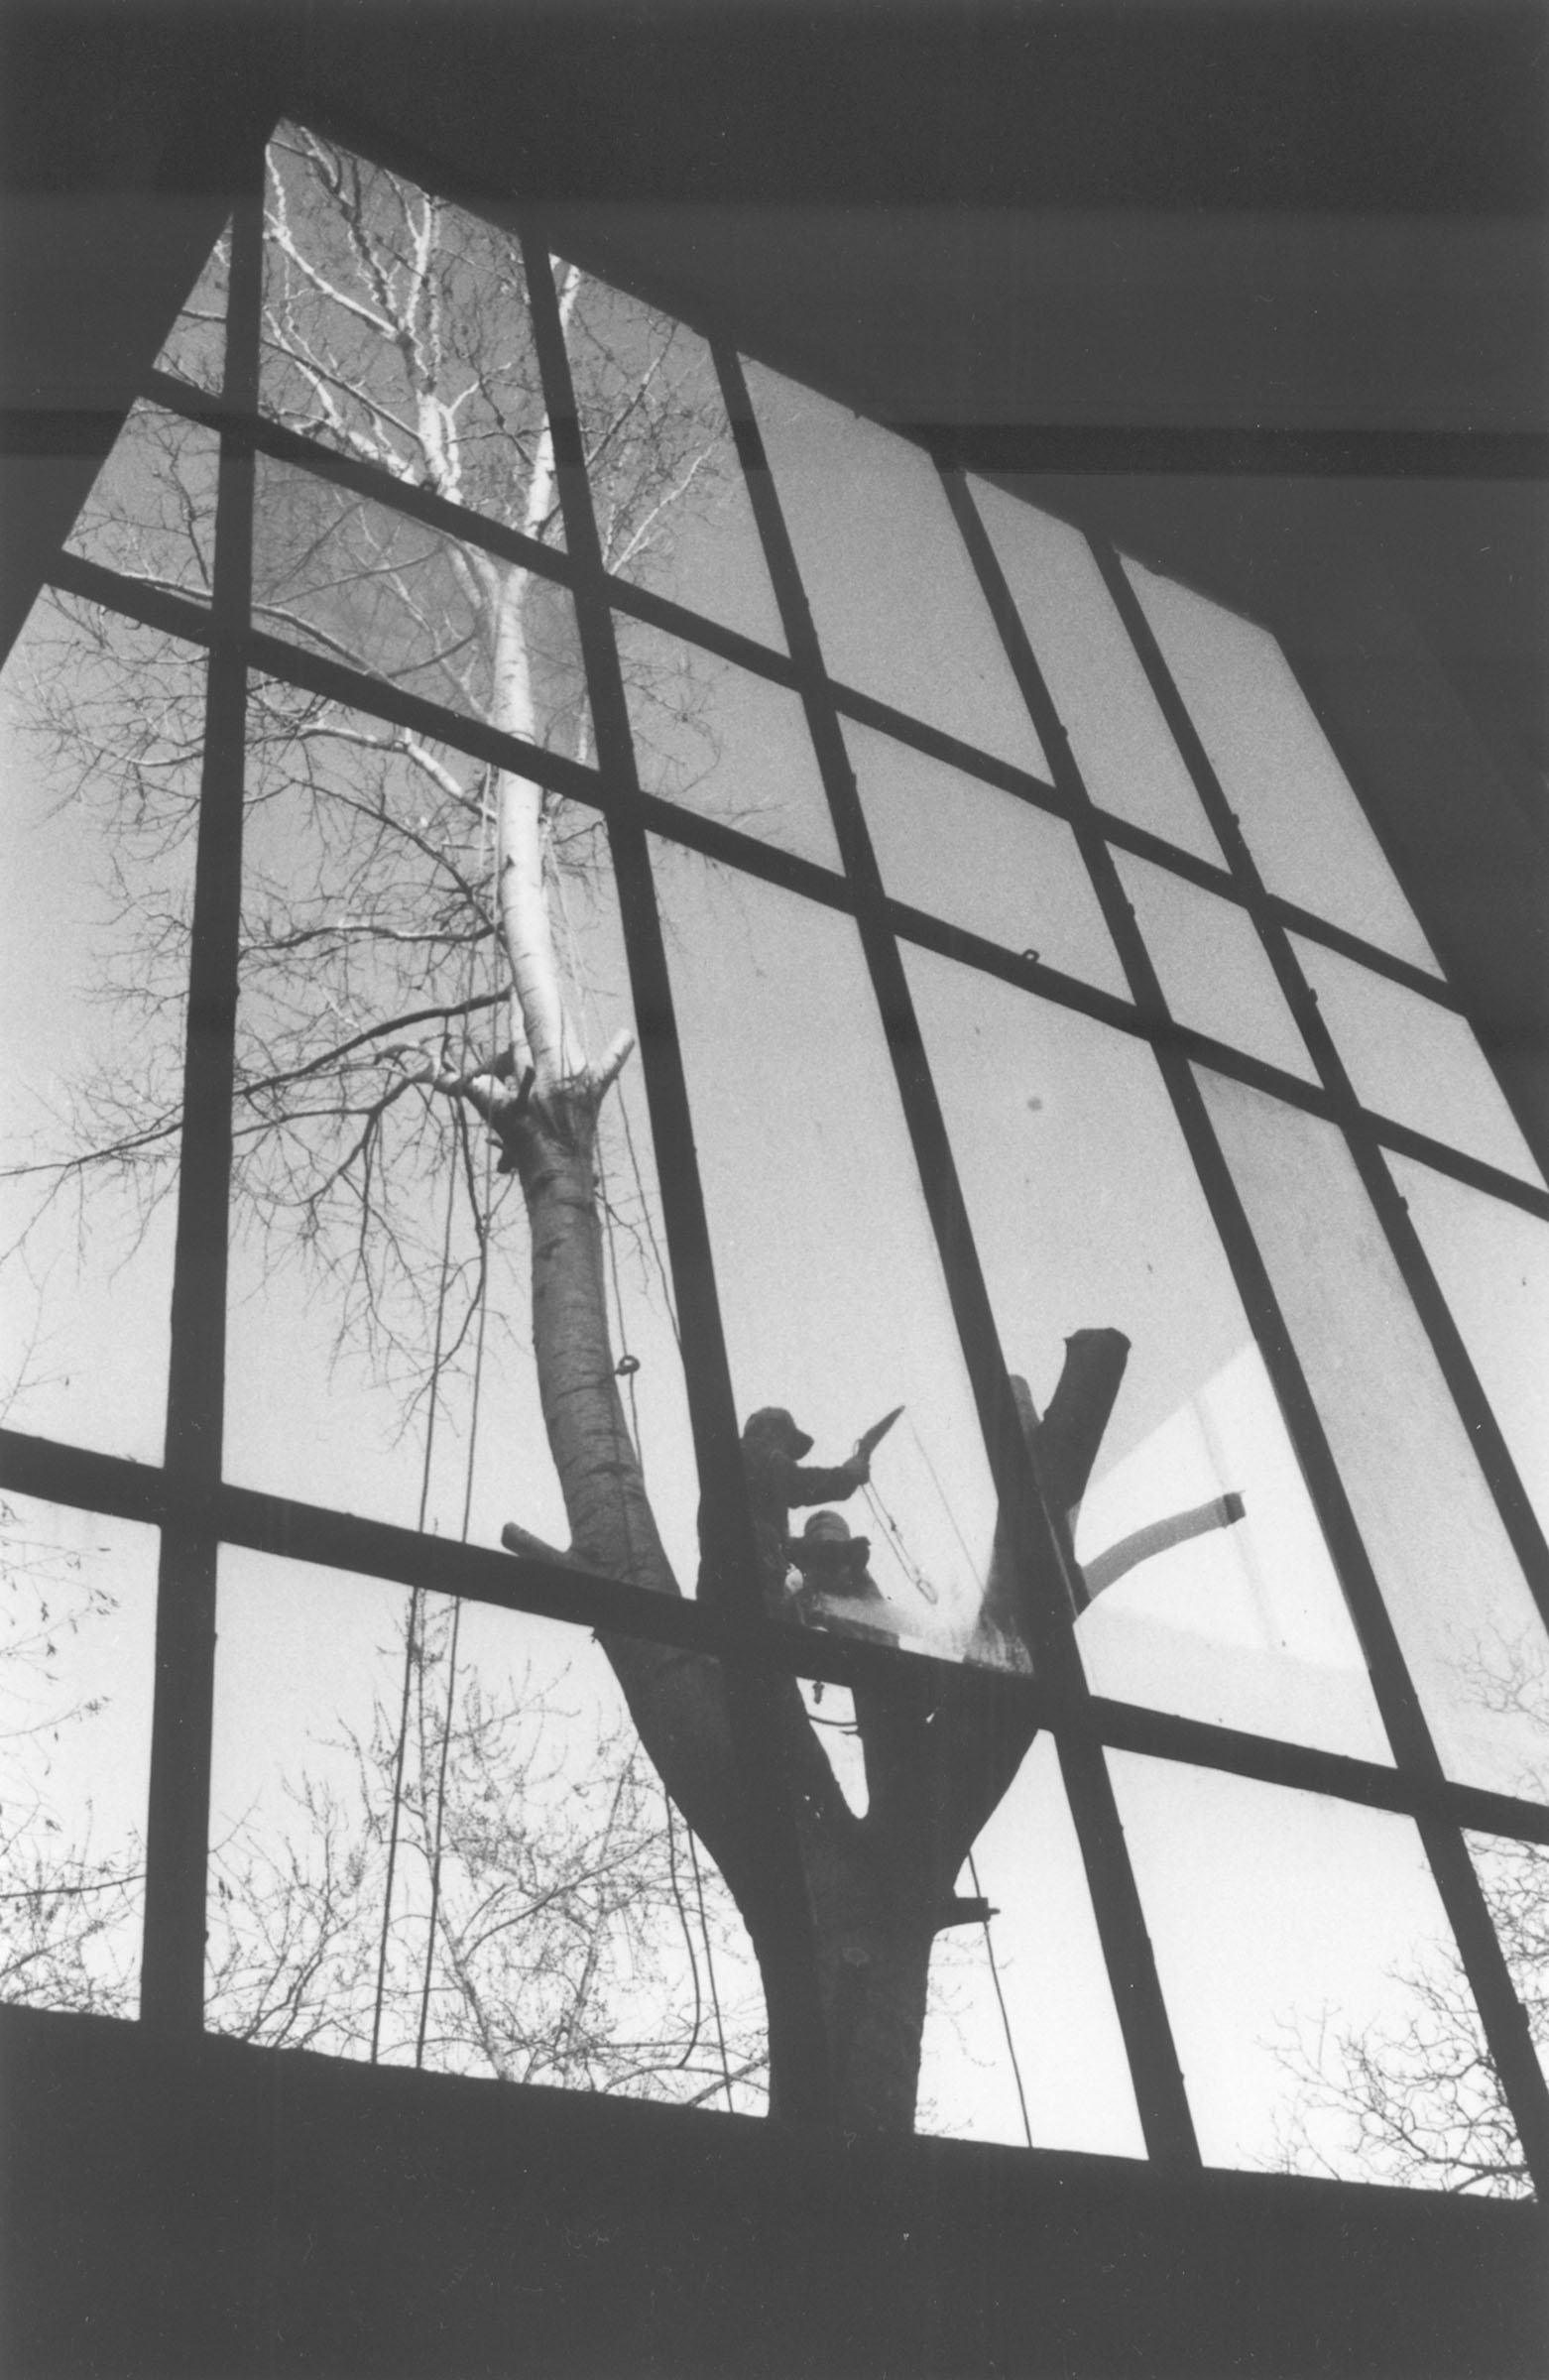 2004.09.18. Hétköznapok fotópályázat - Sebők Szilvia - Ember és természet.jpg